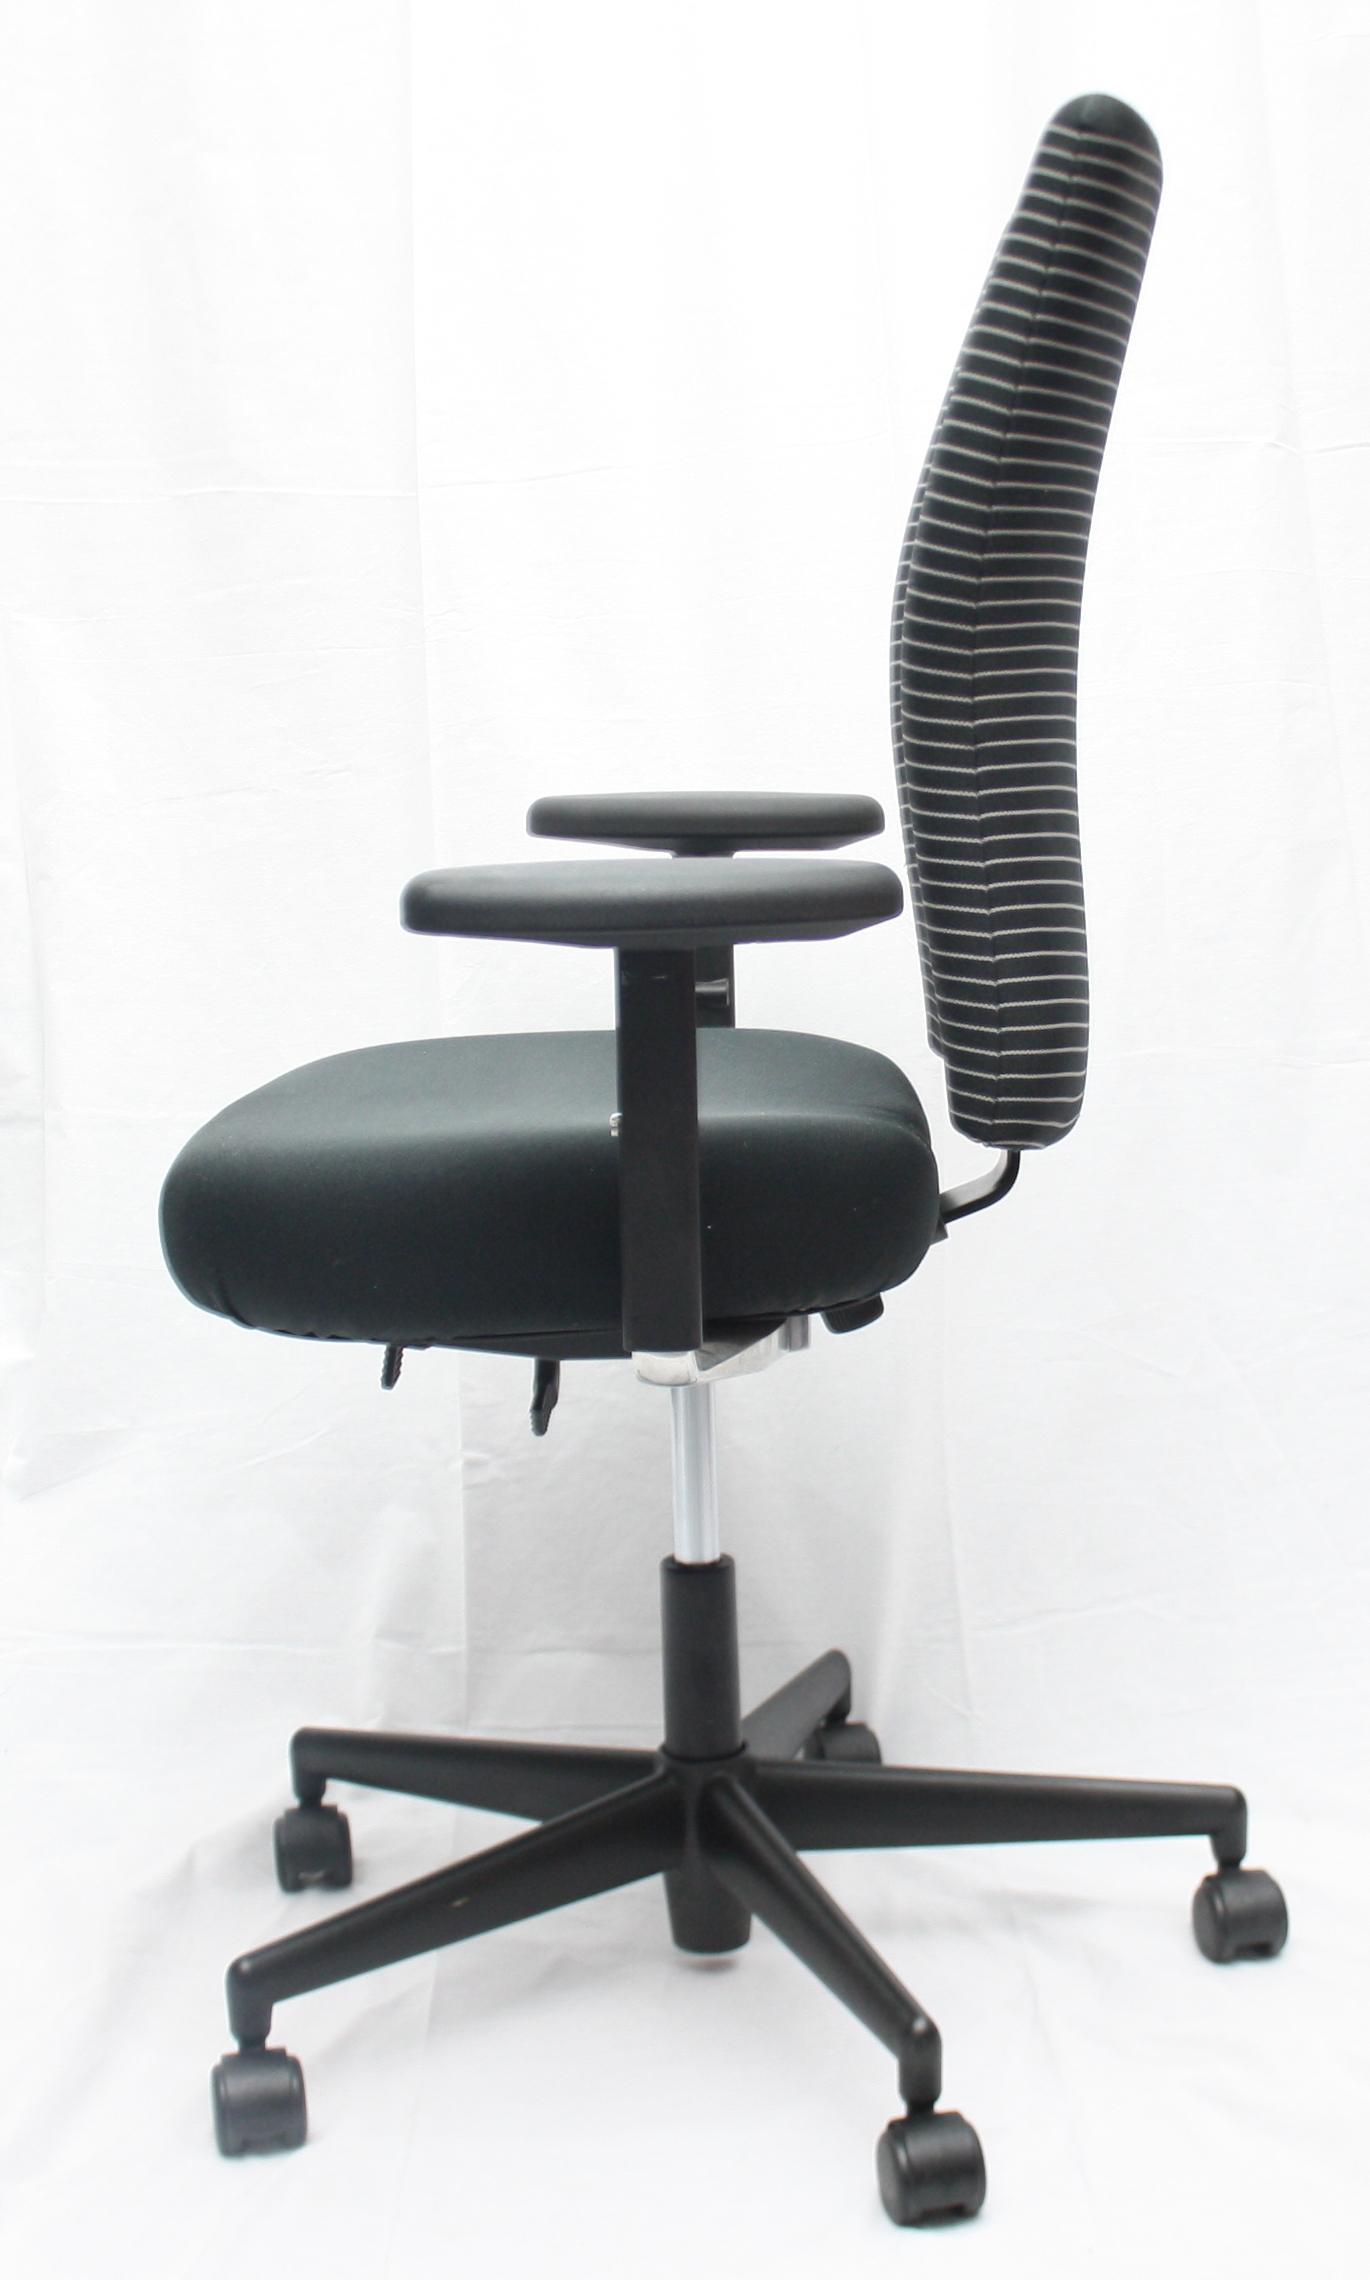 Gebrauchte Stühle von Vitra - Stuhl24